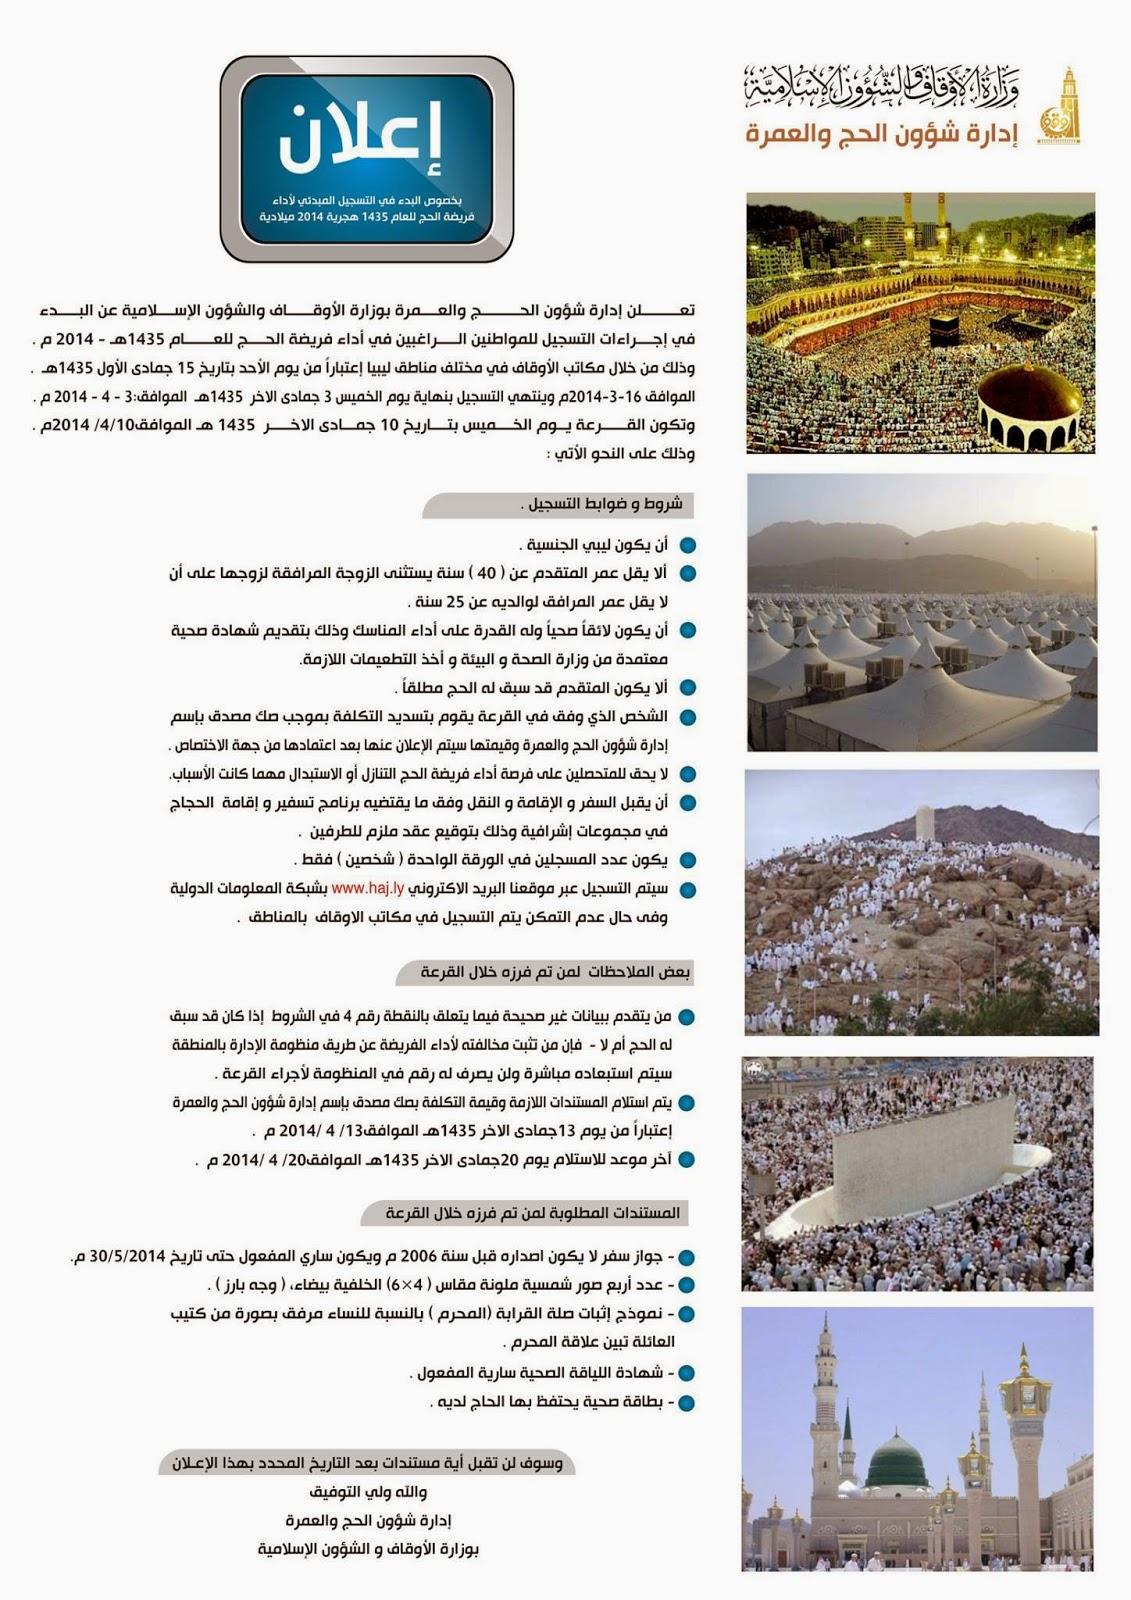 ضوابط وشروط ليبيا: بداية التسجيل لأداء فريضة الحج للعام 1435 هـ - 2014 ميلادي